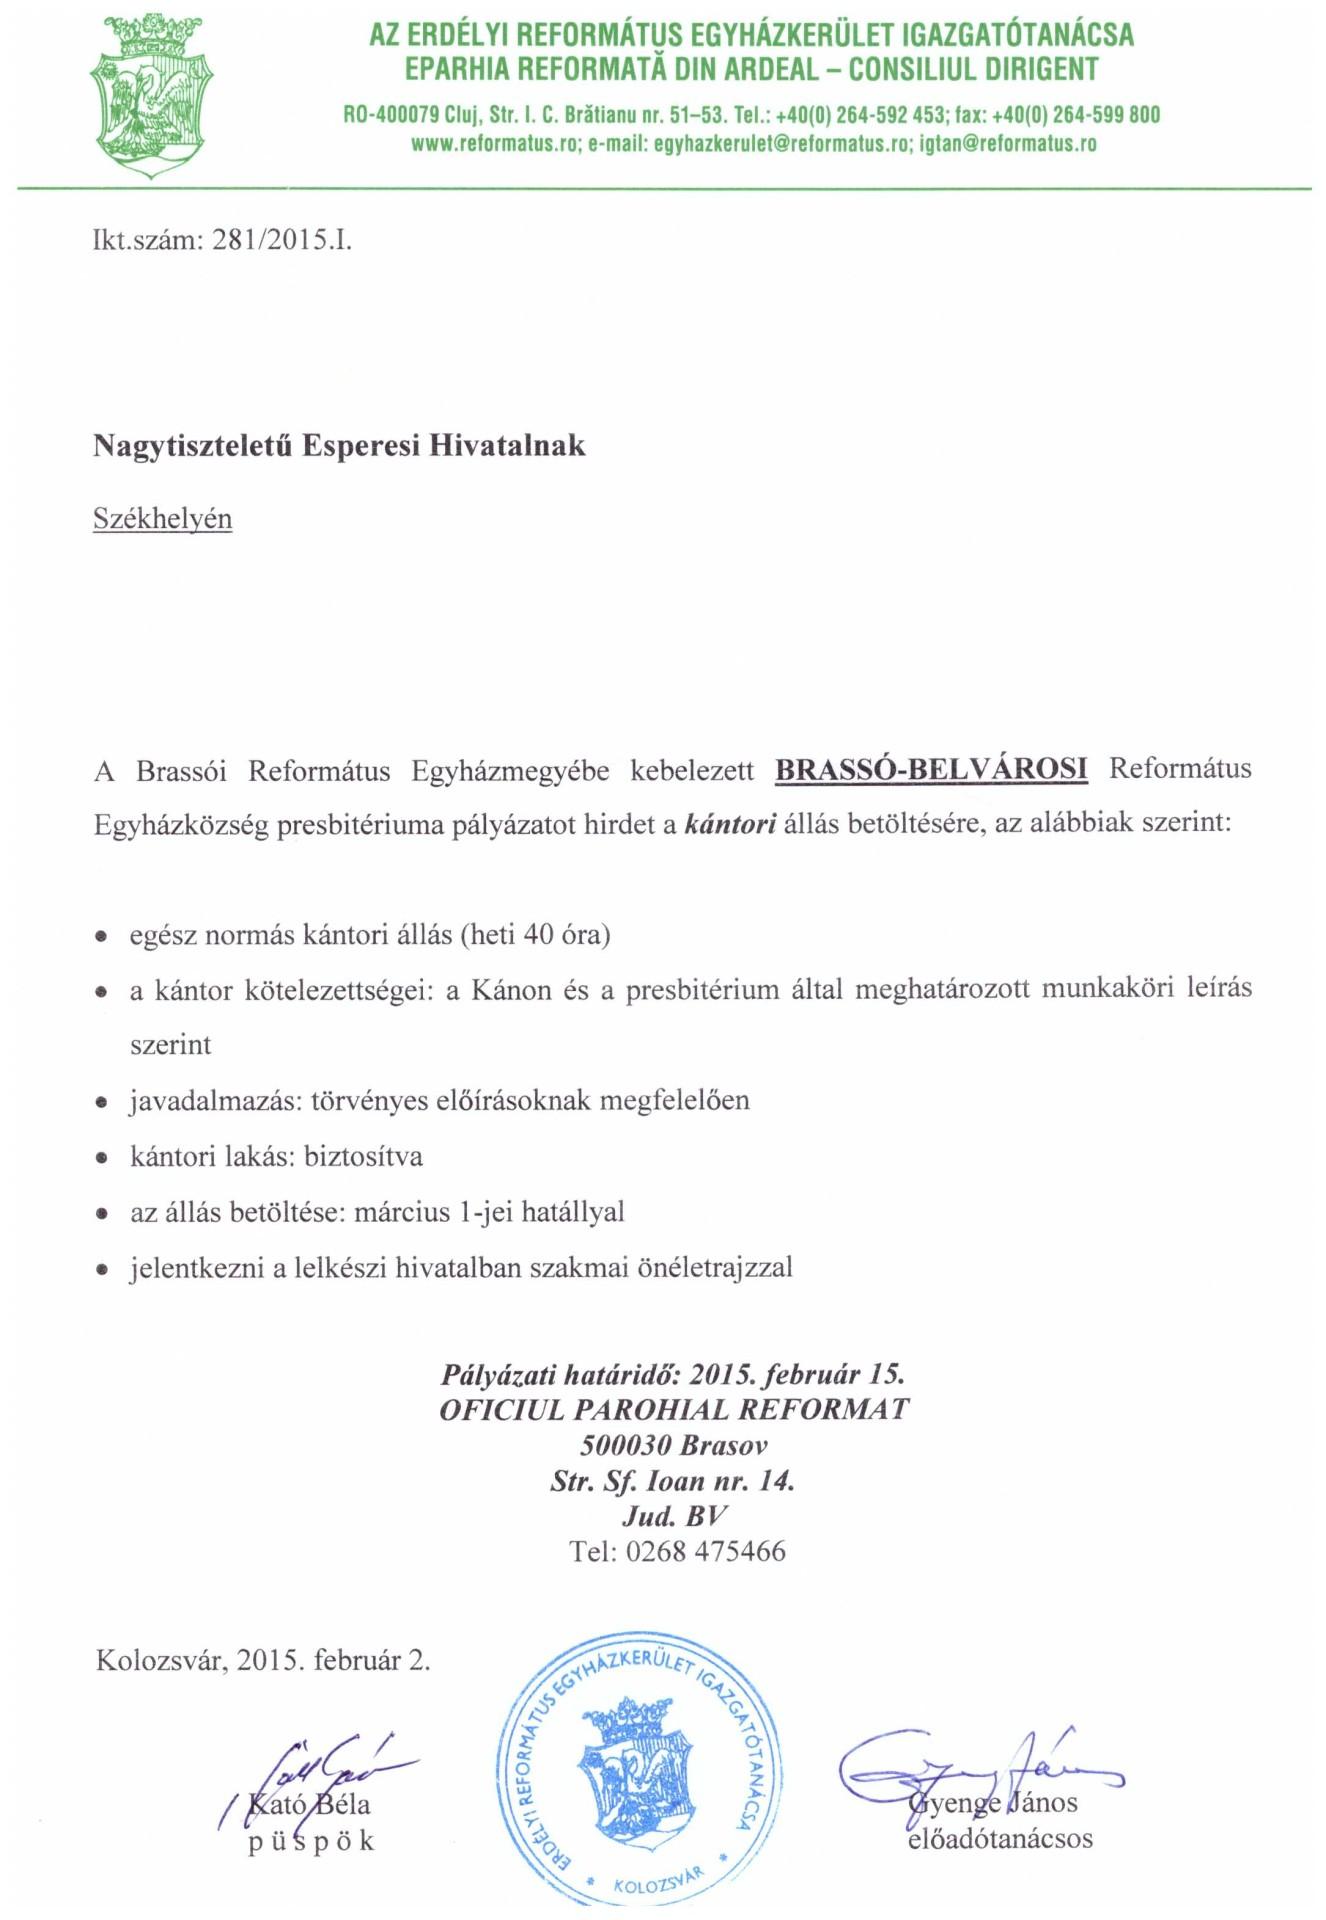 Pályázat - Kántori állás - Brassó-Belvárosi Református Egyházközség